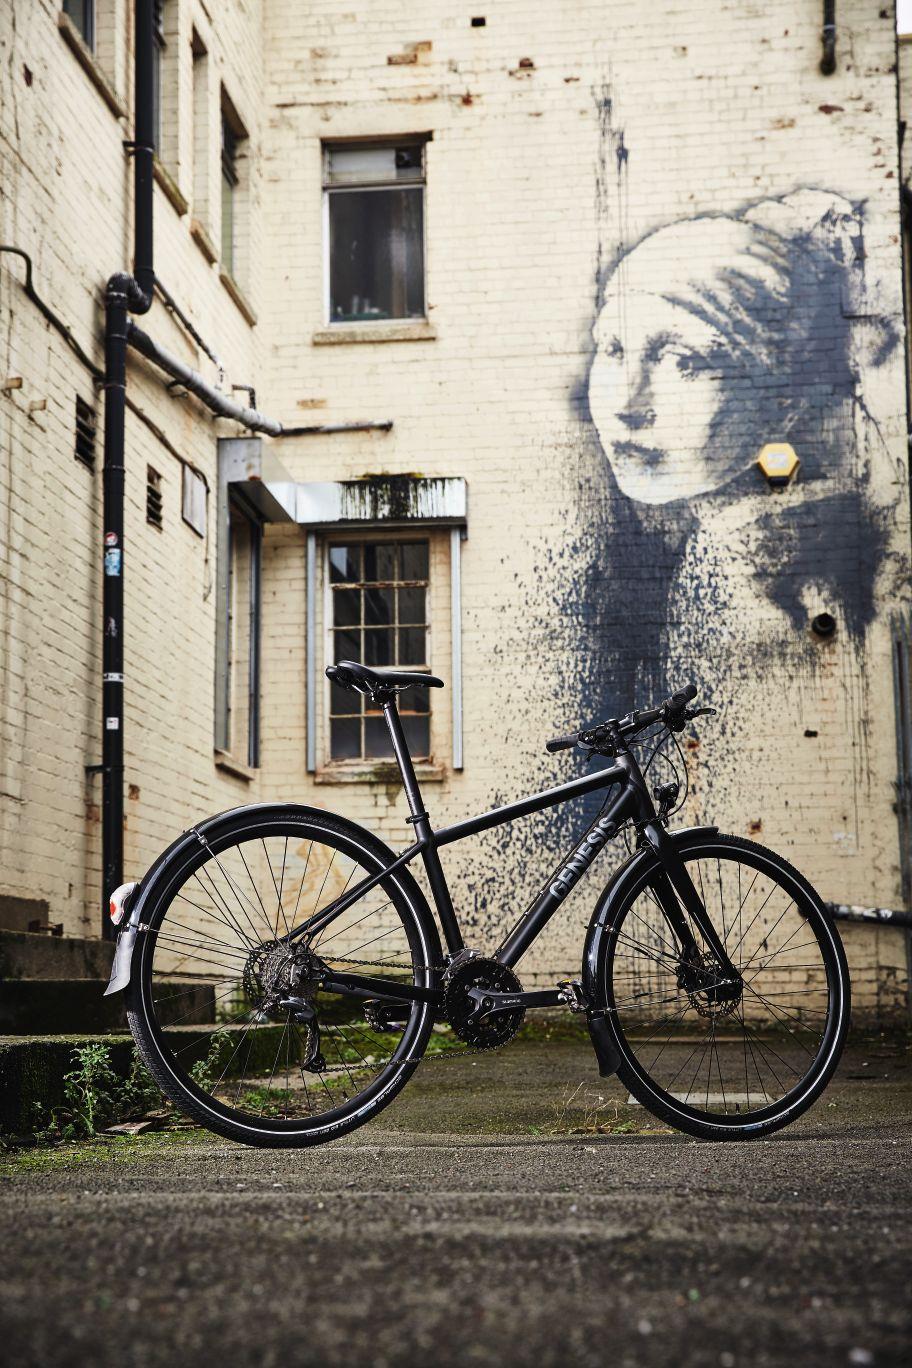 Genesis flat bar bicycle